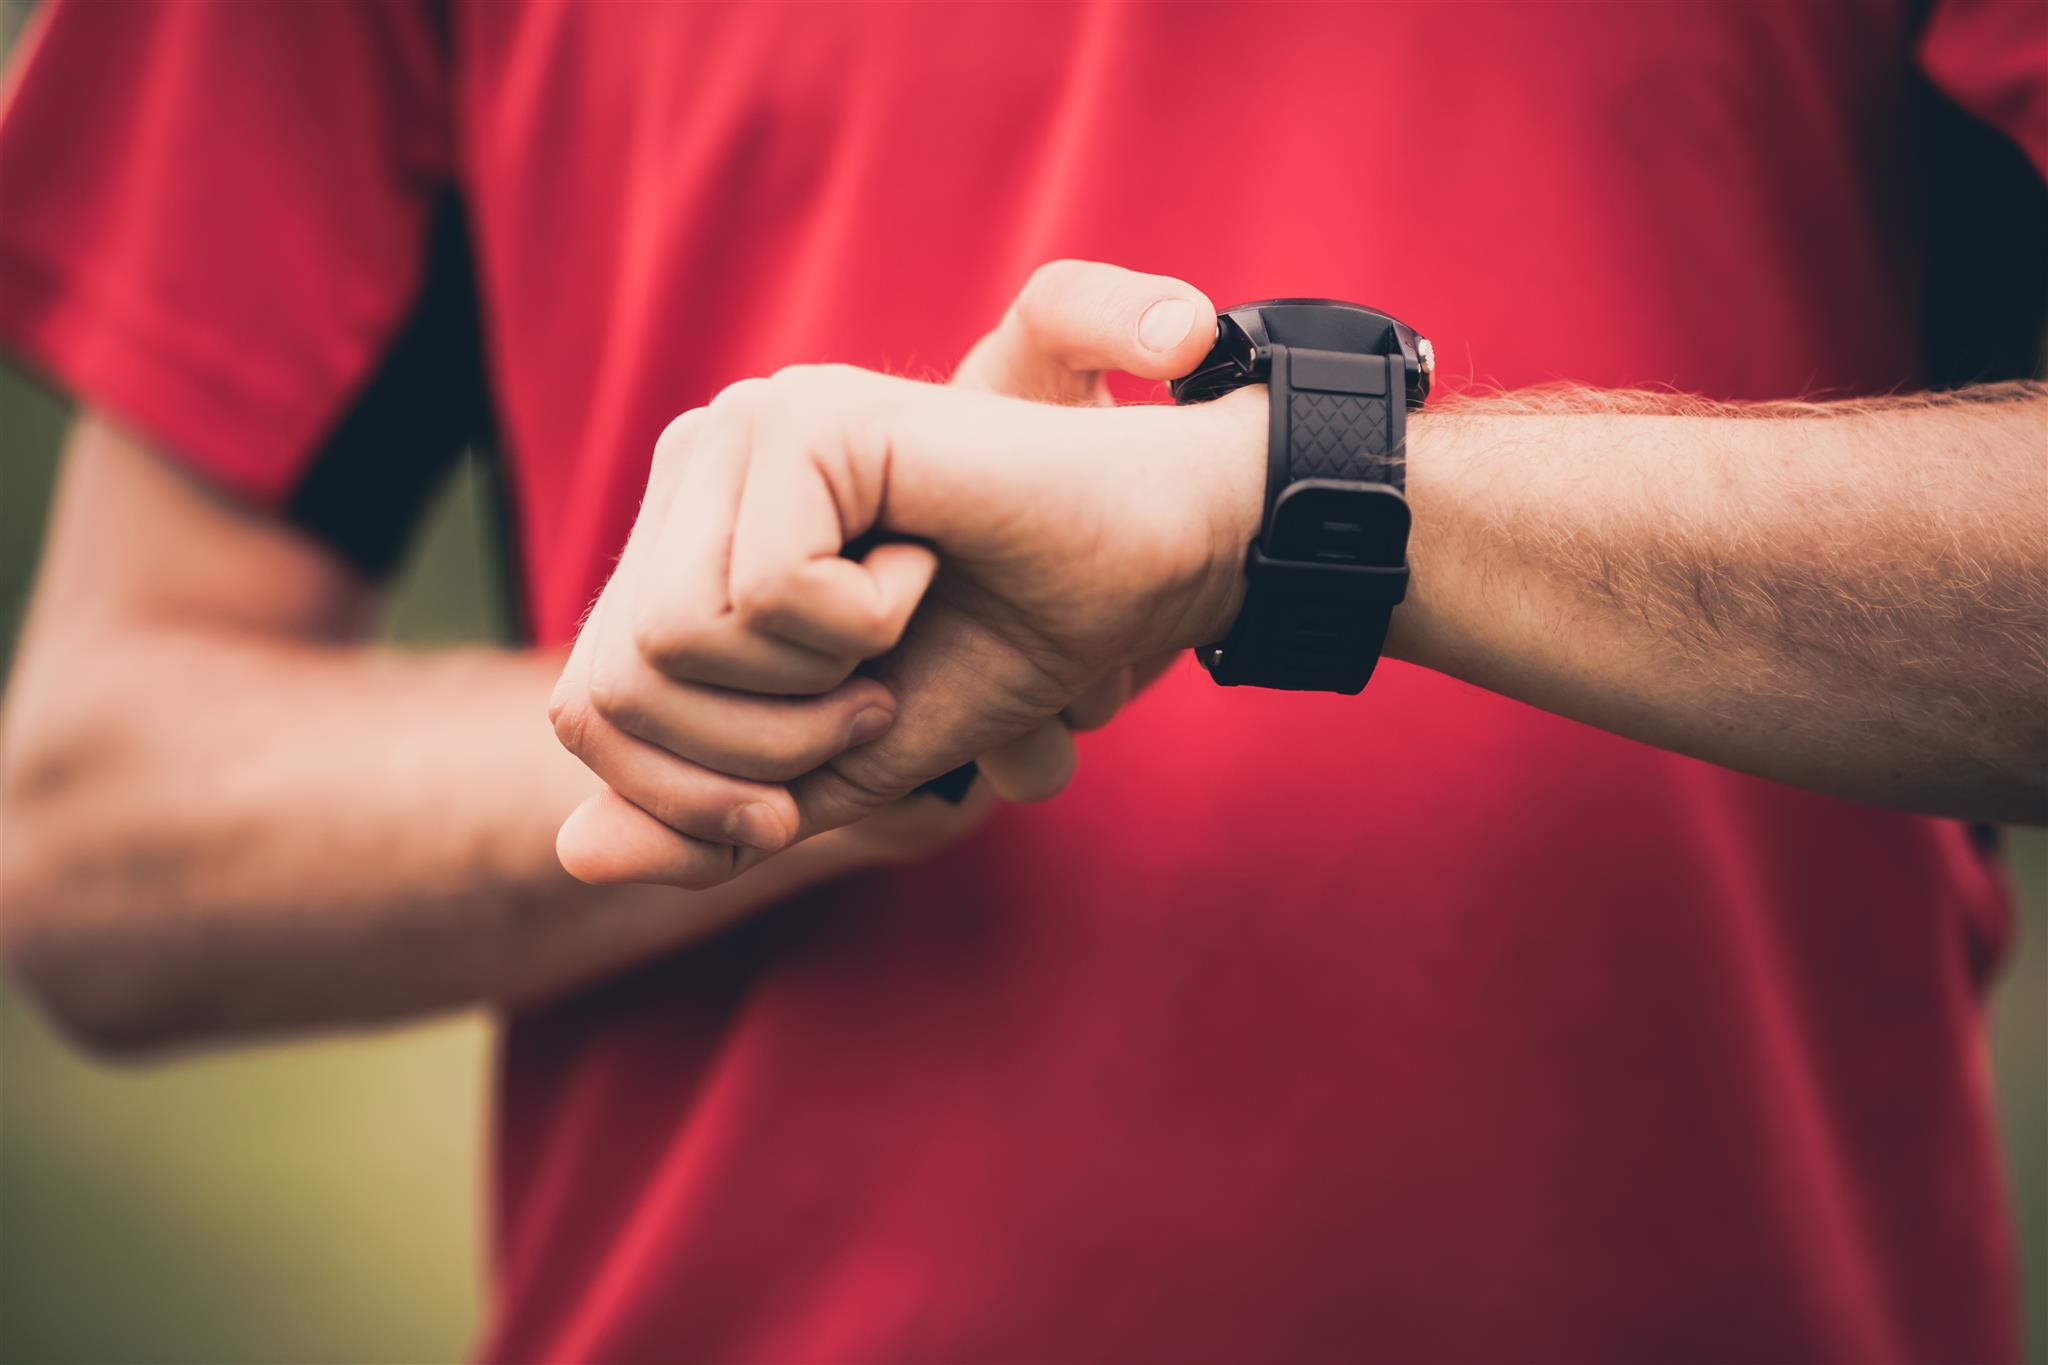 Sportuhr Intervall : Sportuhren test welche sind fürs lauftraining die besten